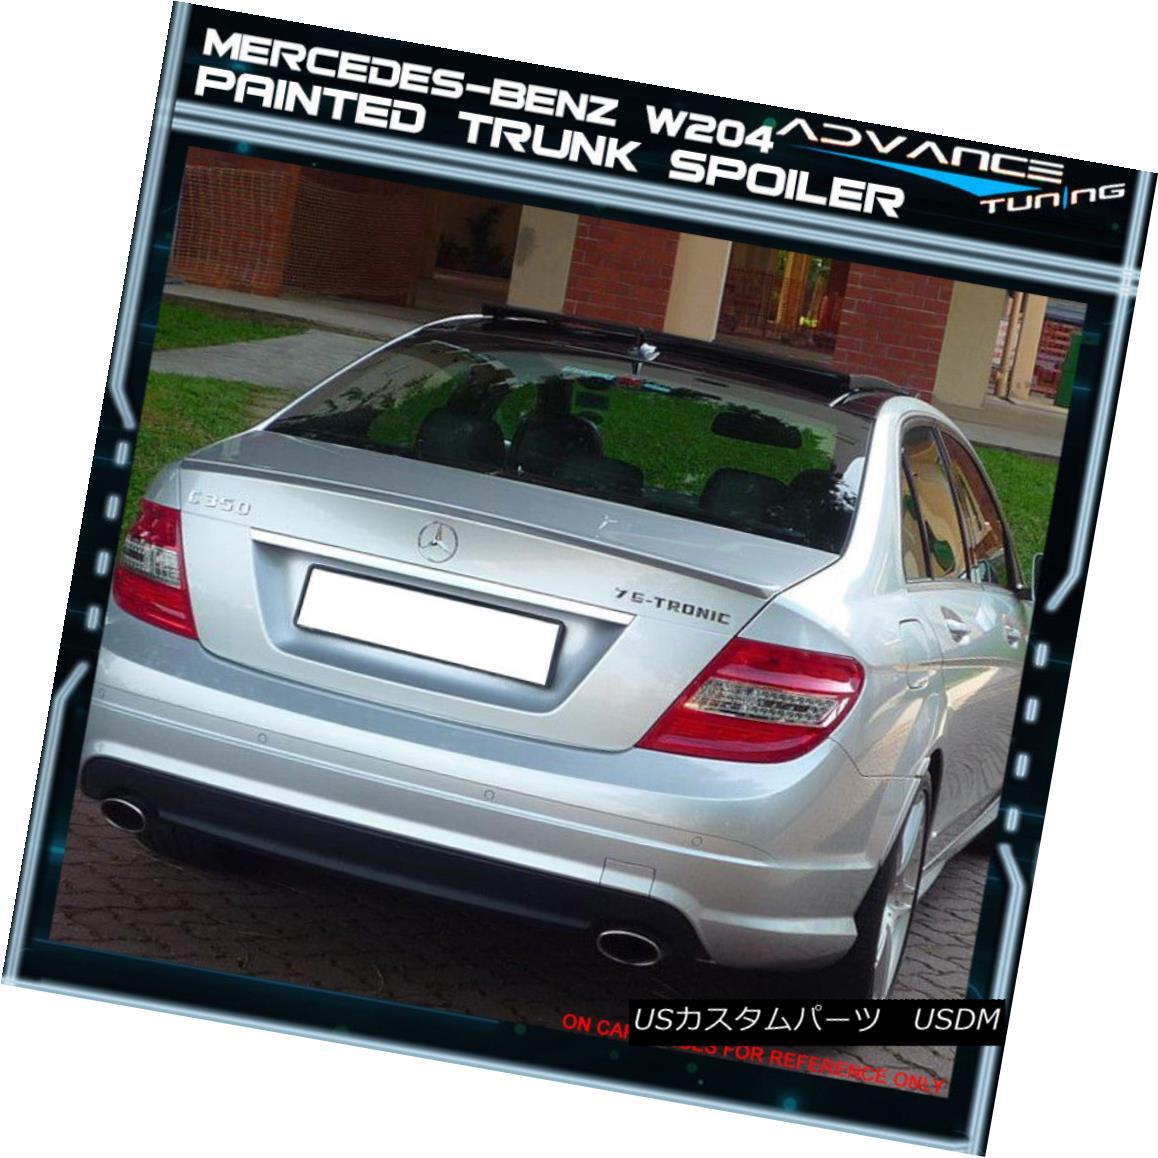 08-14 Benz W204 Sedan AMG Trunk Spoiler OEM Painted #359 Capri Blue Metallic